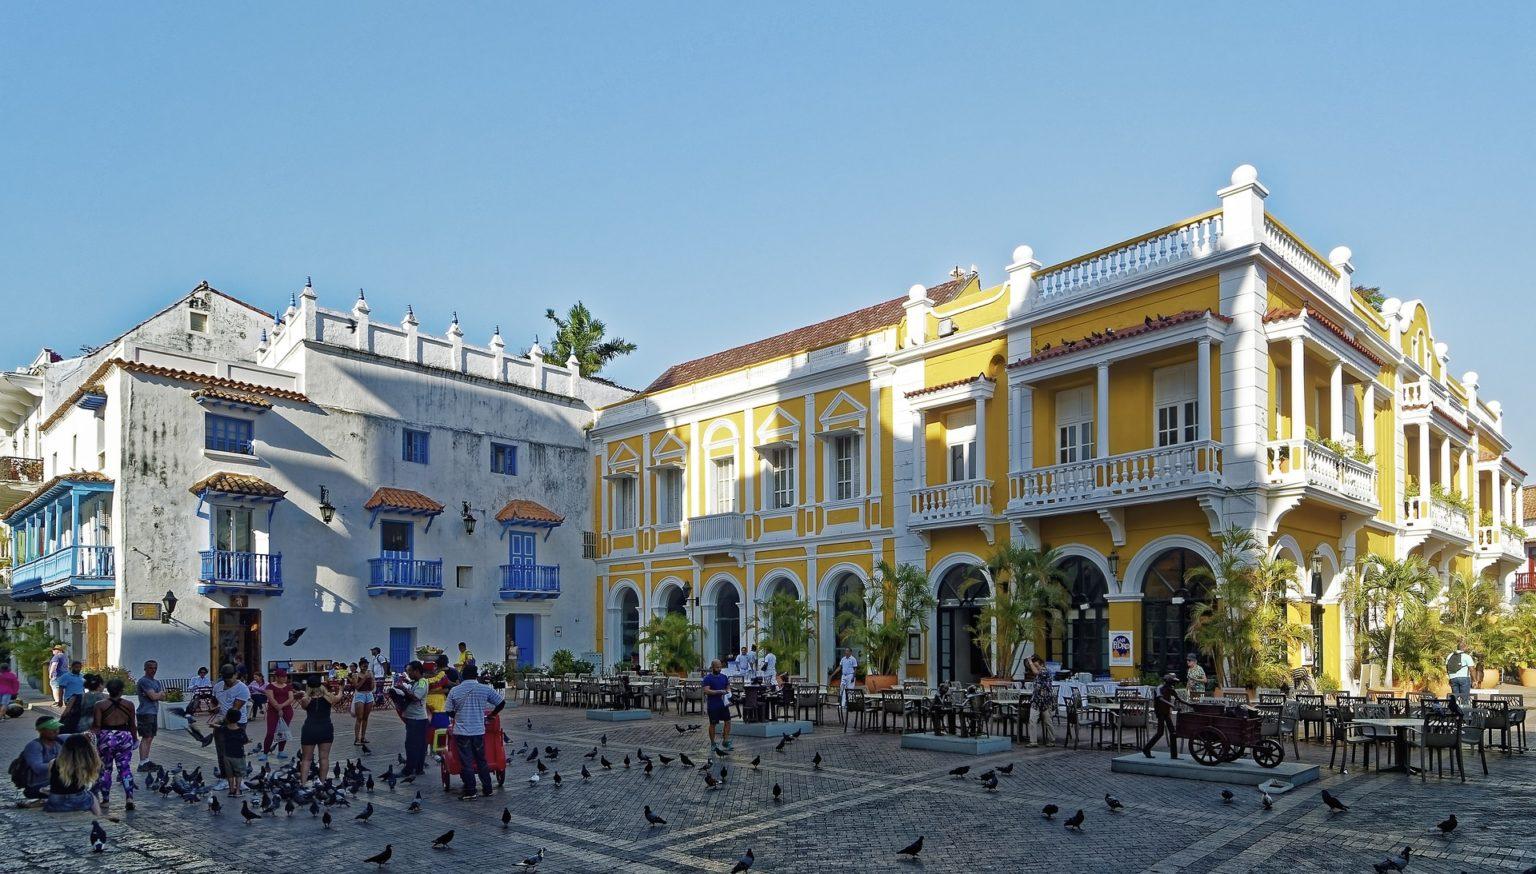 Walking tour in Cartagena